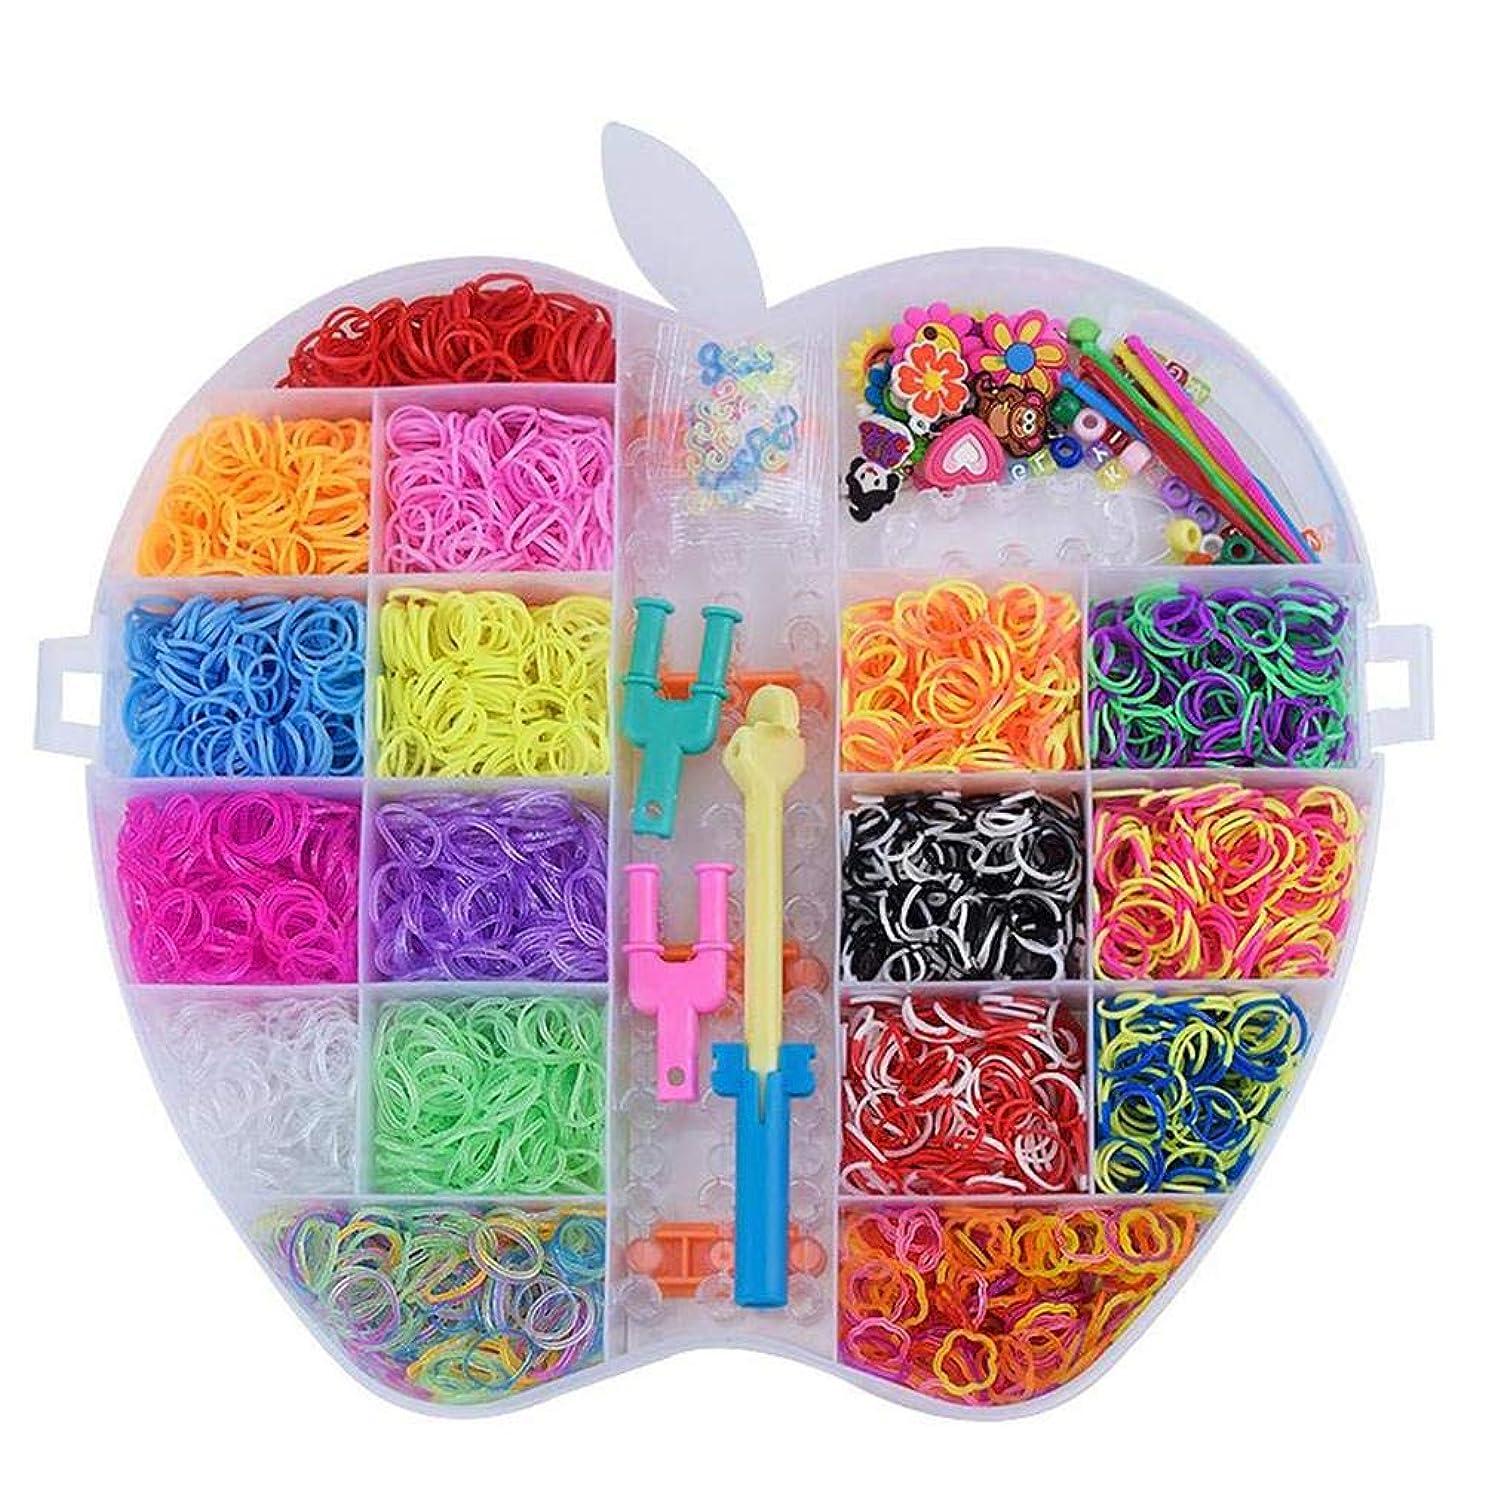 舗装する請願者ペンダントBrill(ブリーオ)?DIY編みおもちゃ虹ゴムバンド詰め替え織機キット子供6000PCS